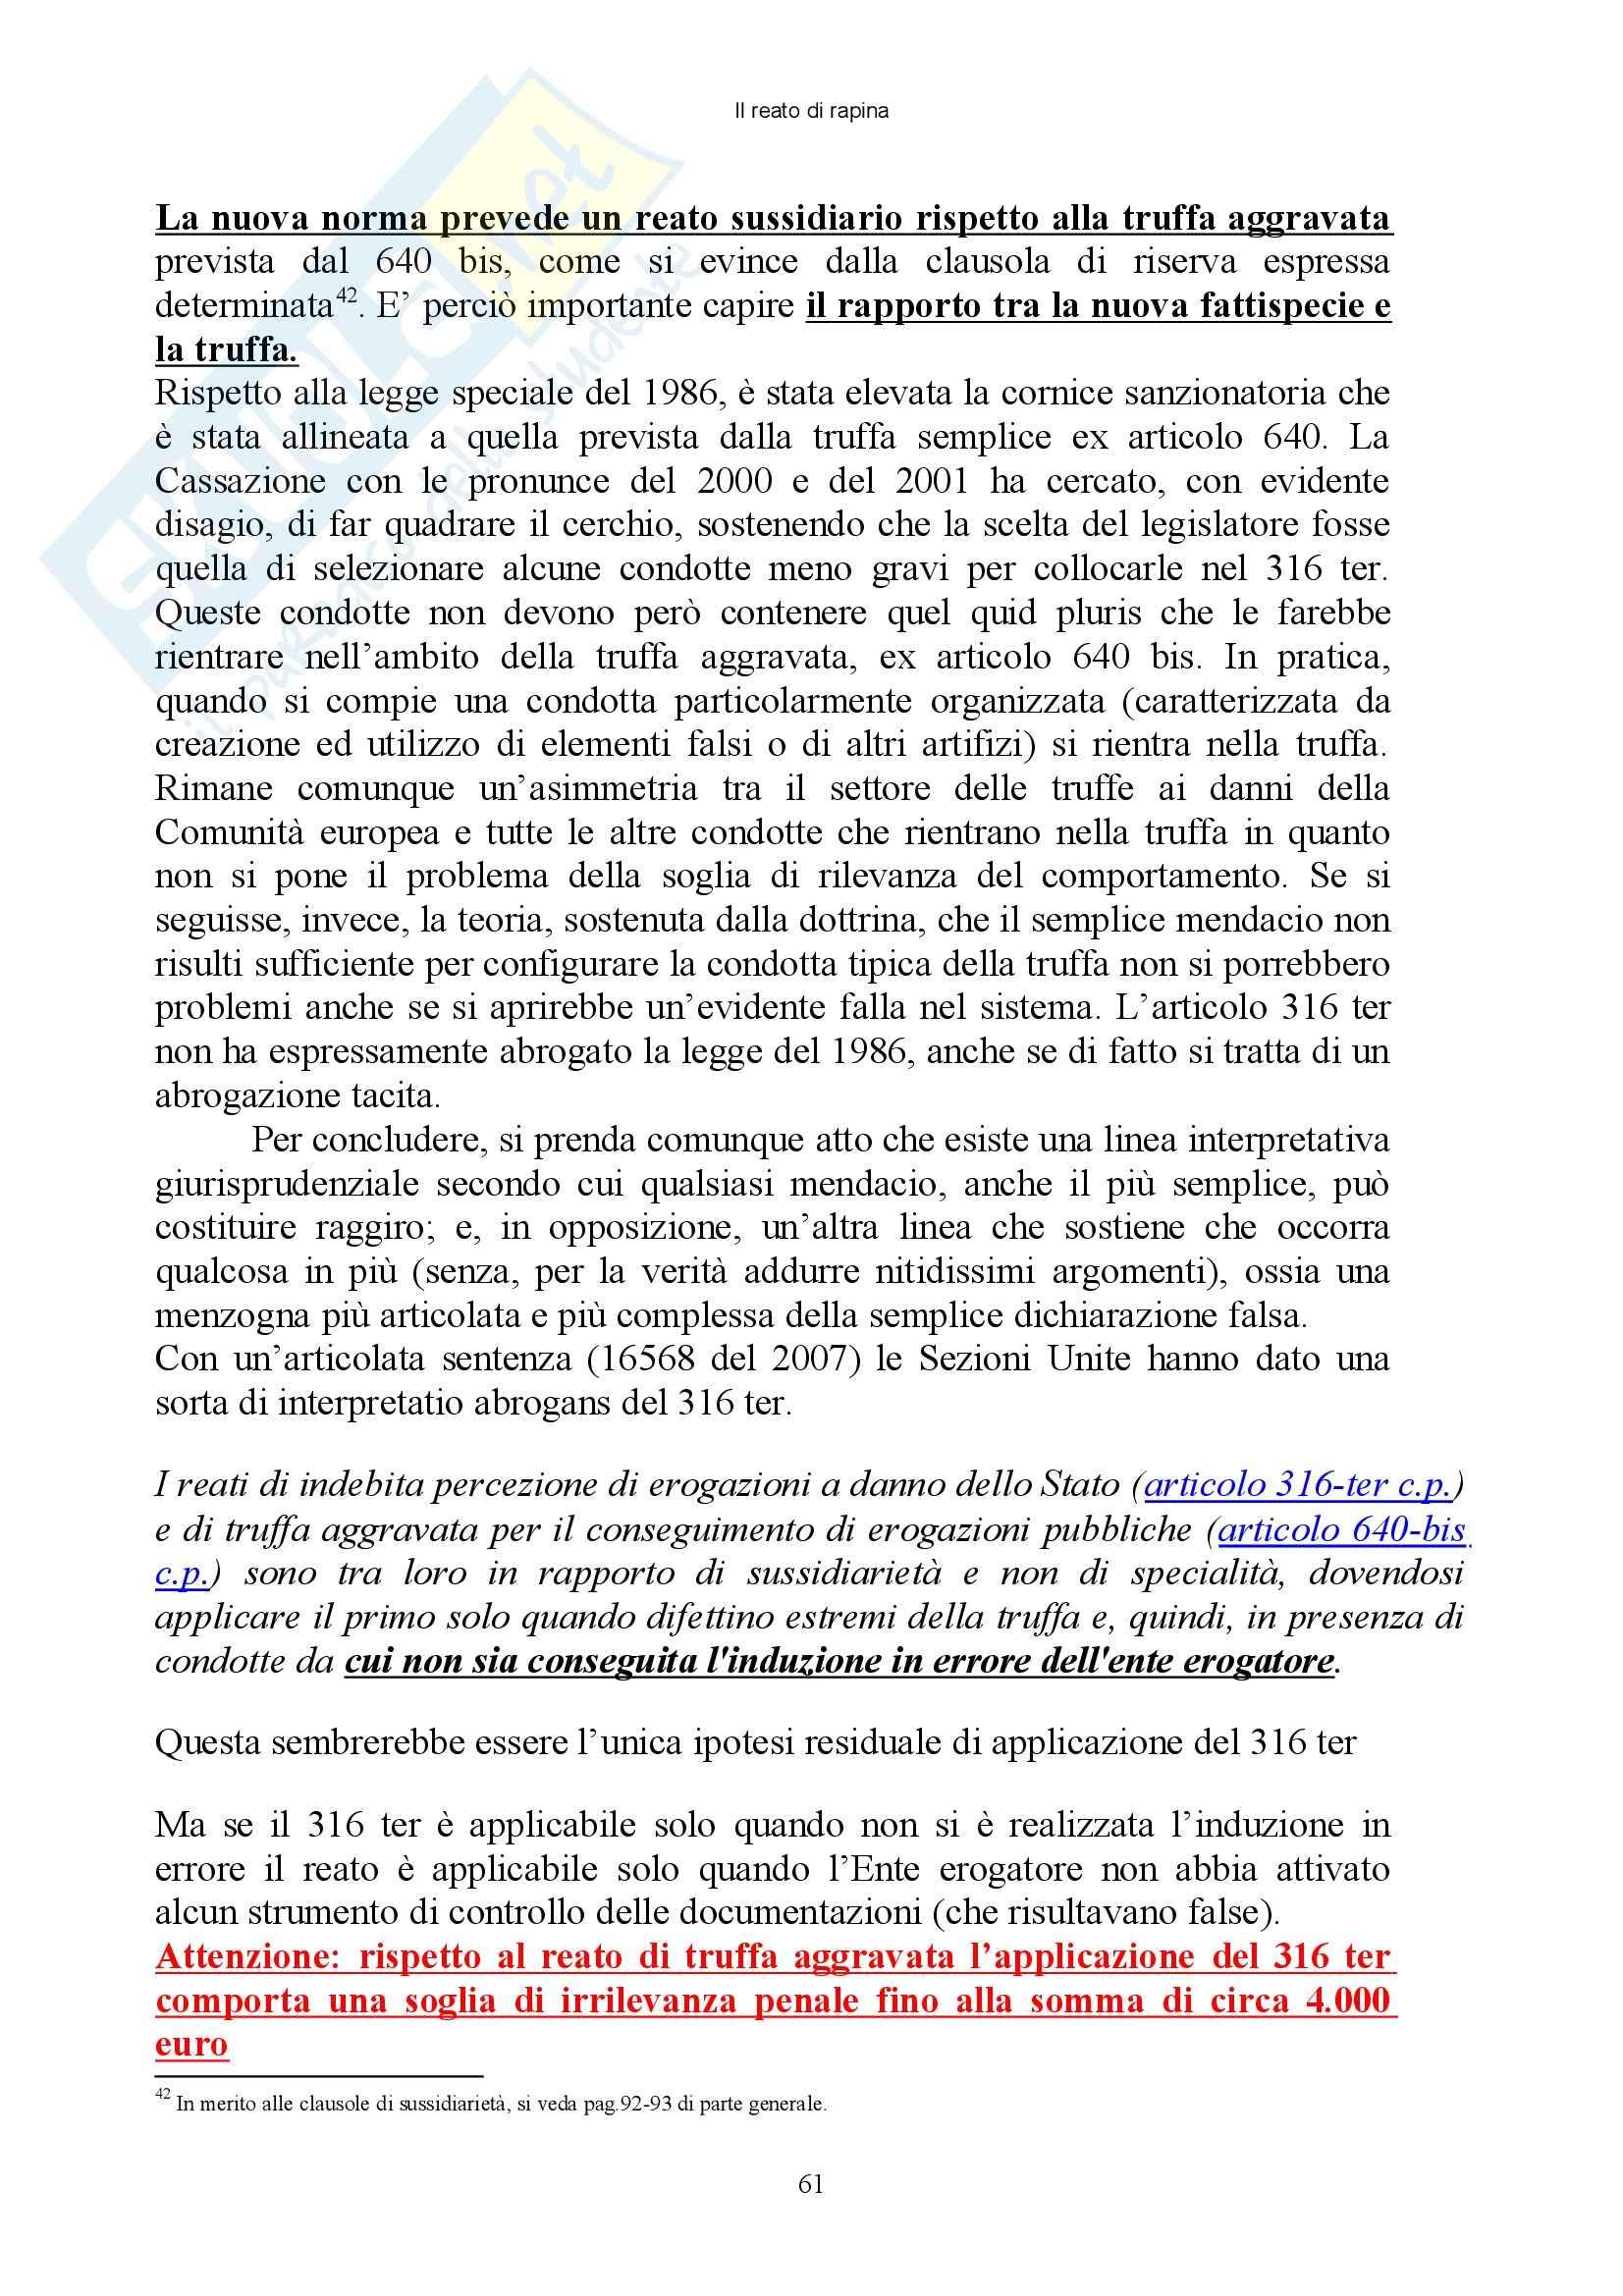 Diritto penale - reati contro il patrimonio - Appunti Pag. 61